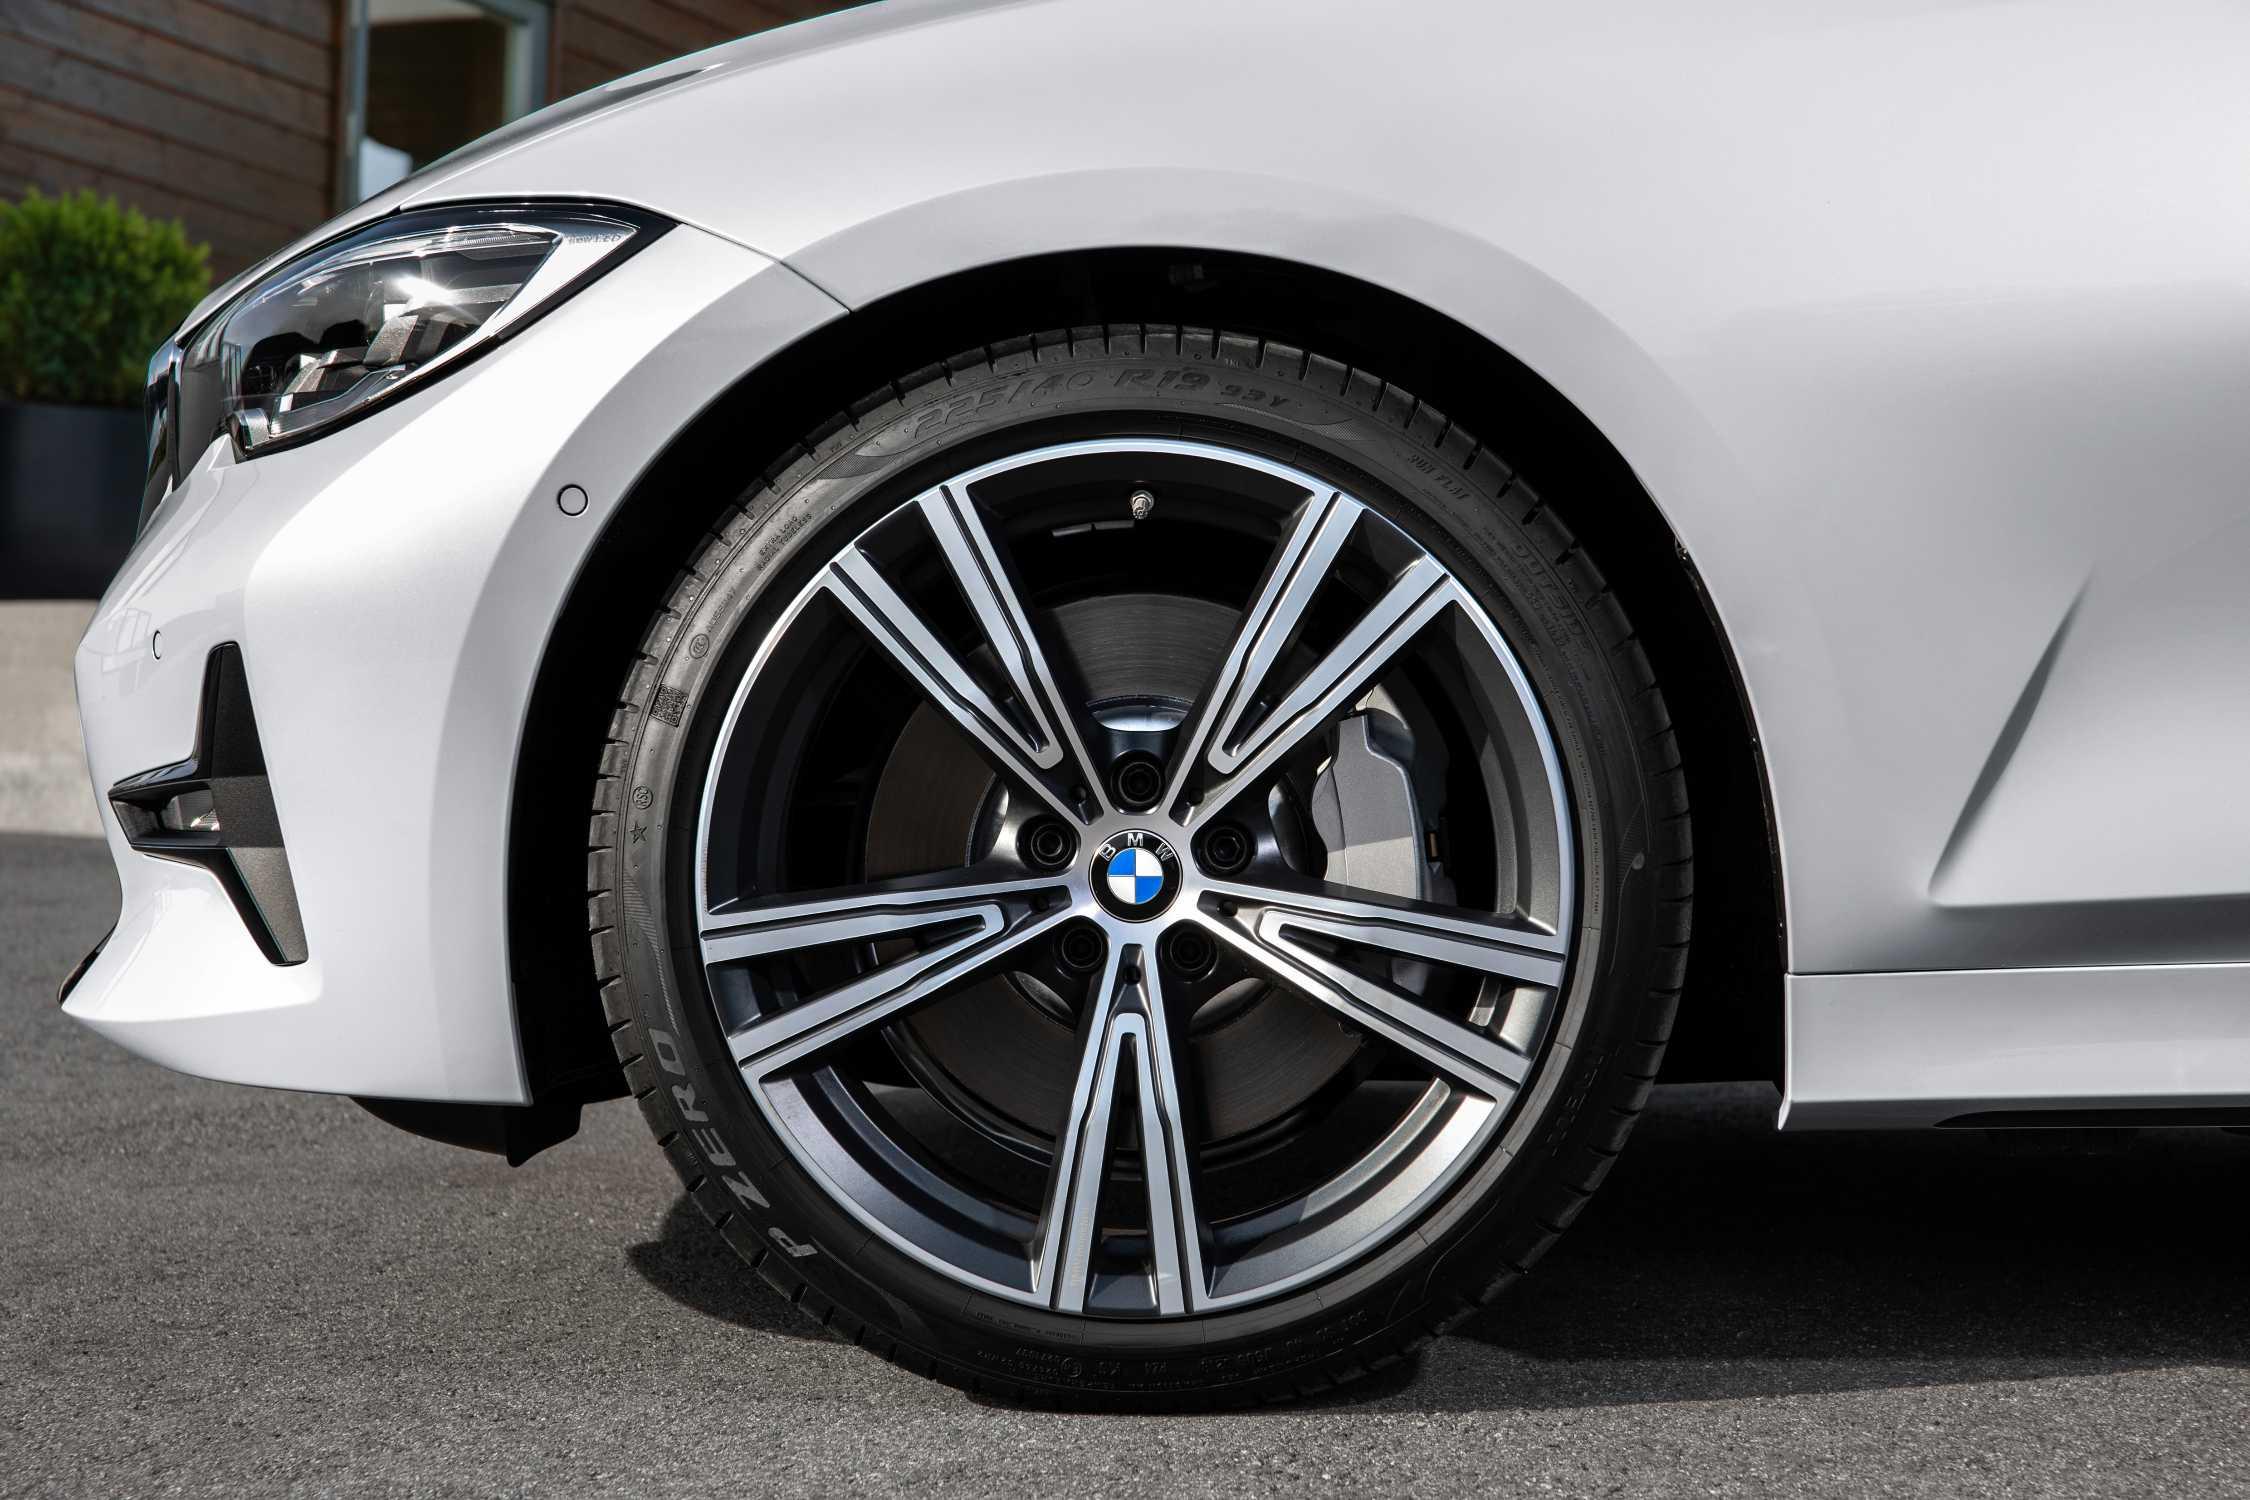 Легкосплавное дисковое колесо (сдвоенные спицы) 793i для BMW 3 Series G20/G21